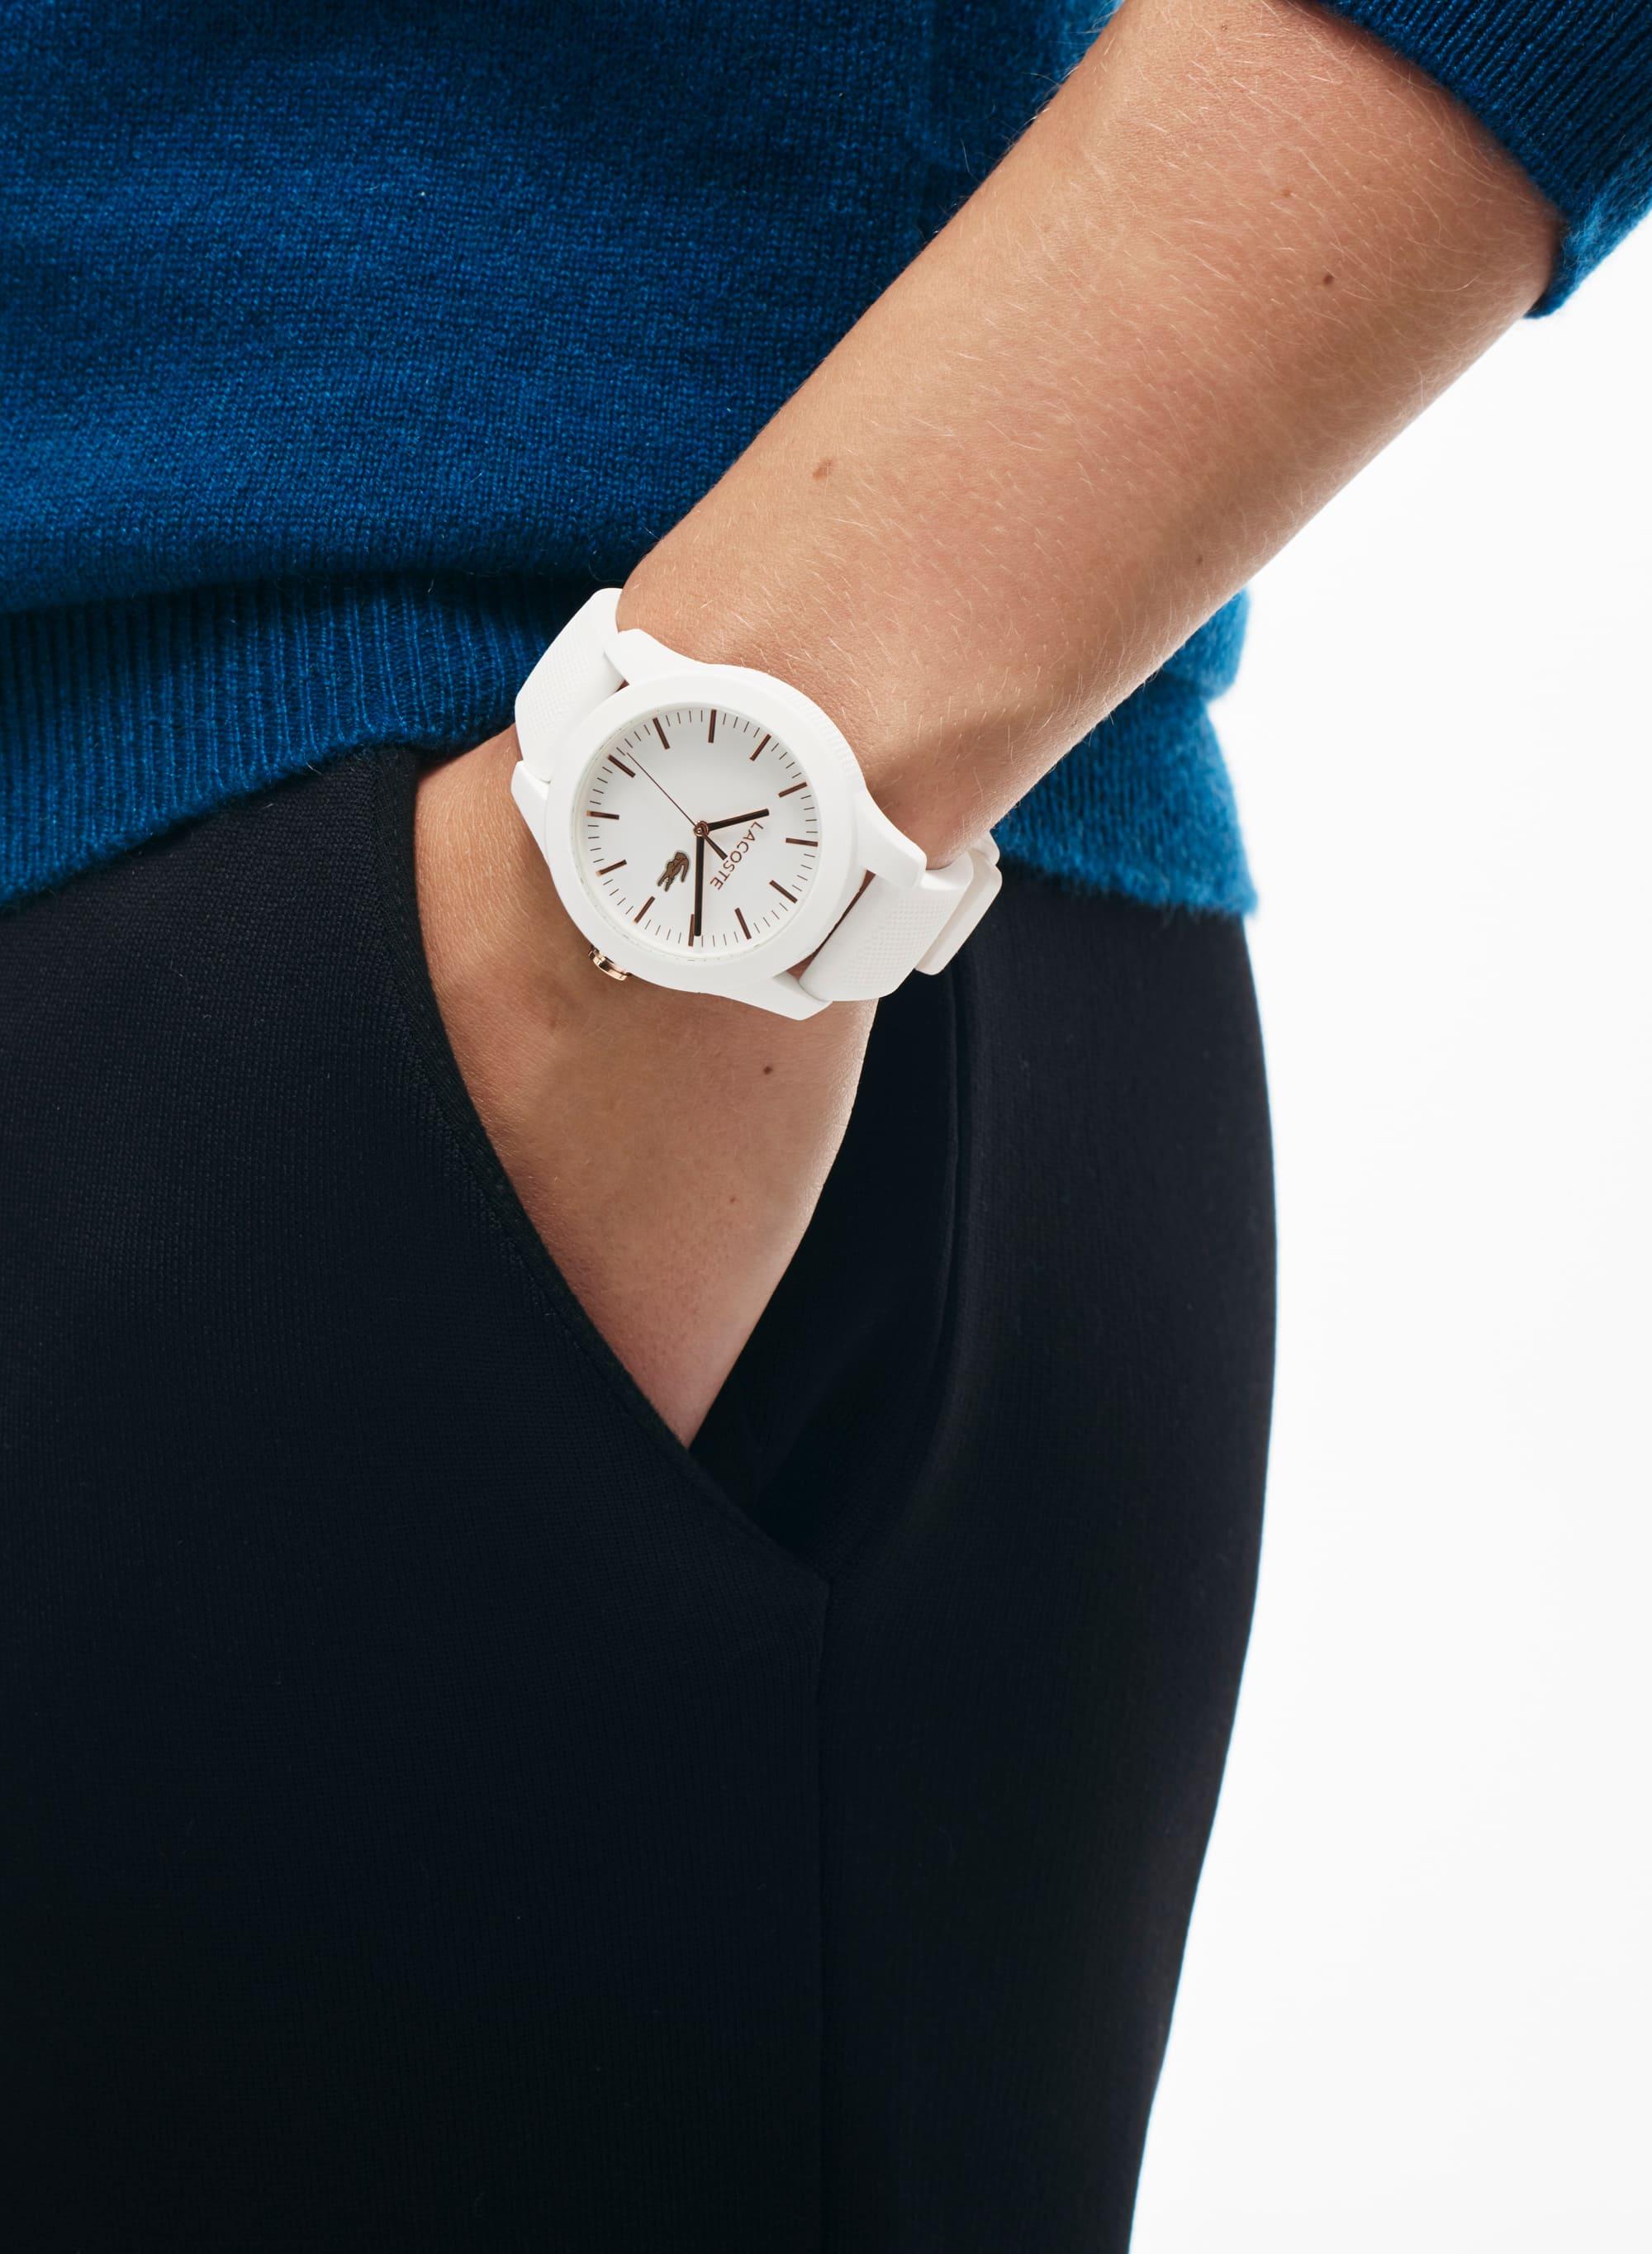 Orologio Lacoste 12.12 Donna con Cinturino in Silicone Bianco